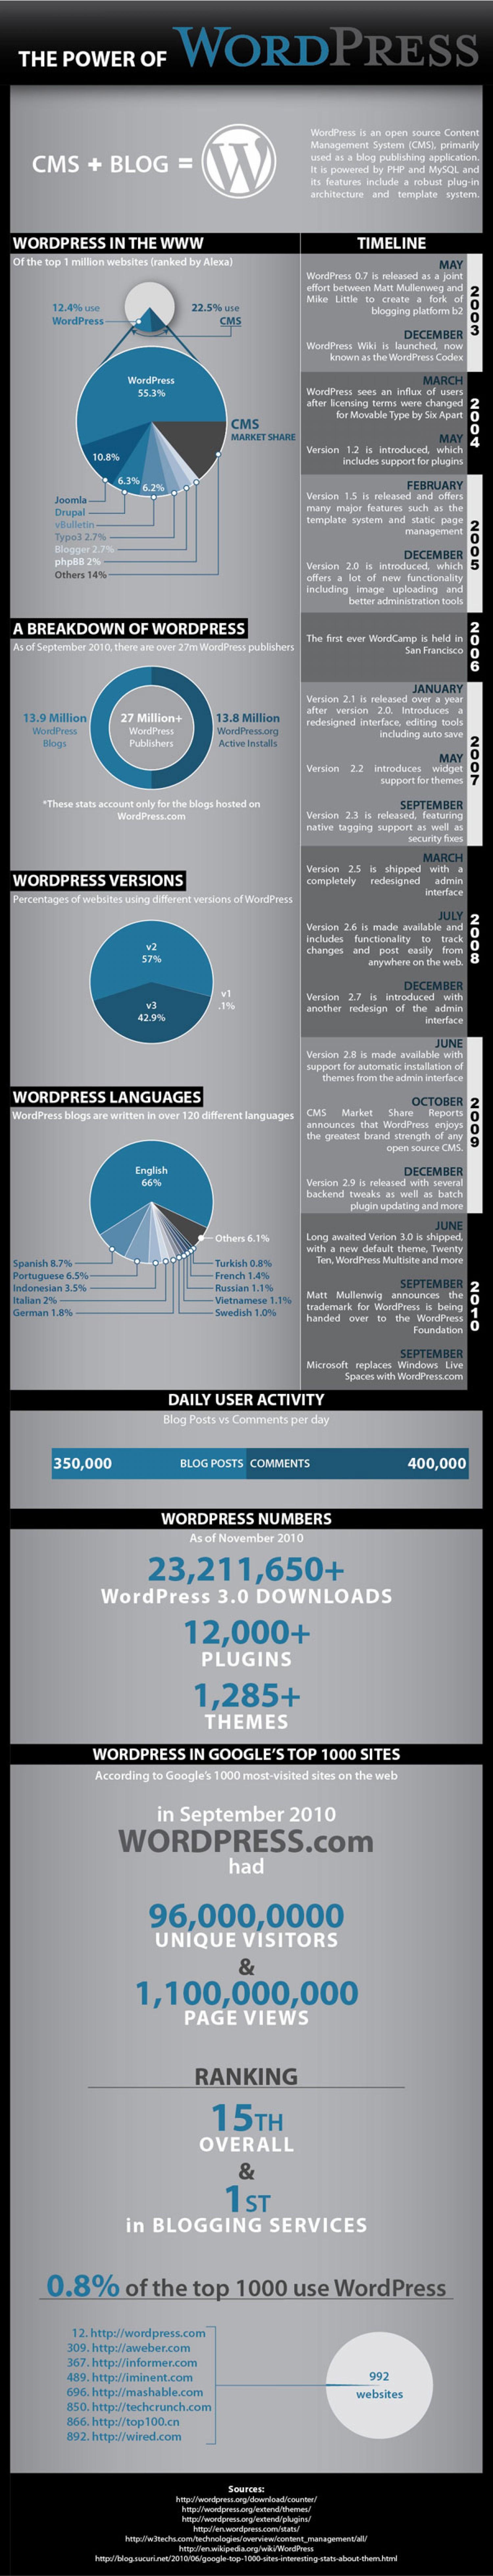 11. The Power of WordPress